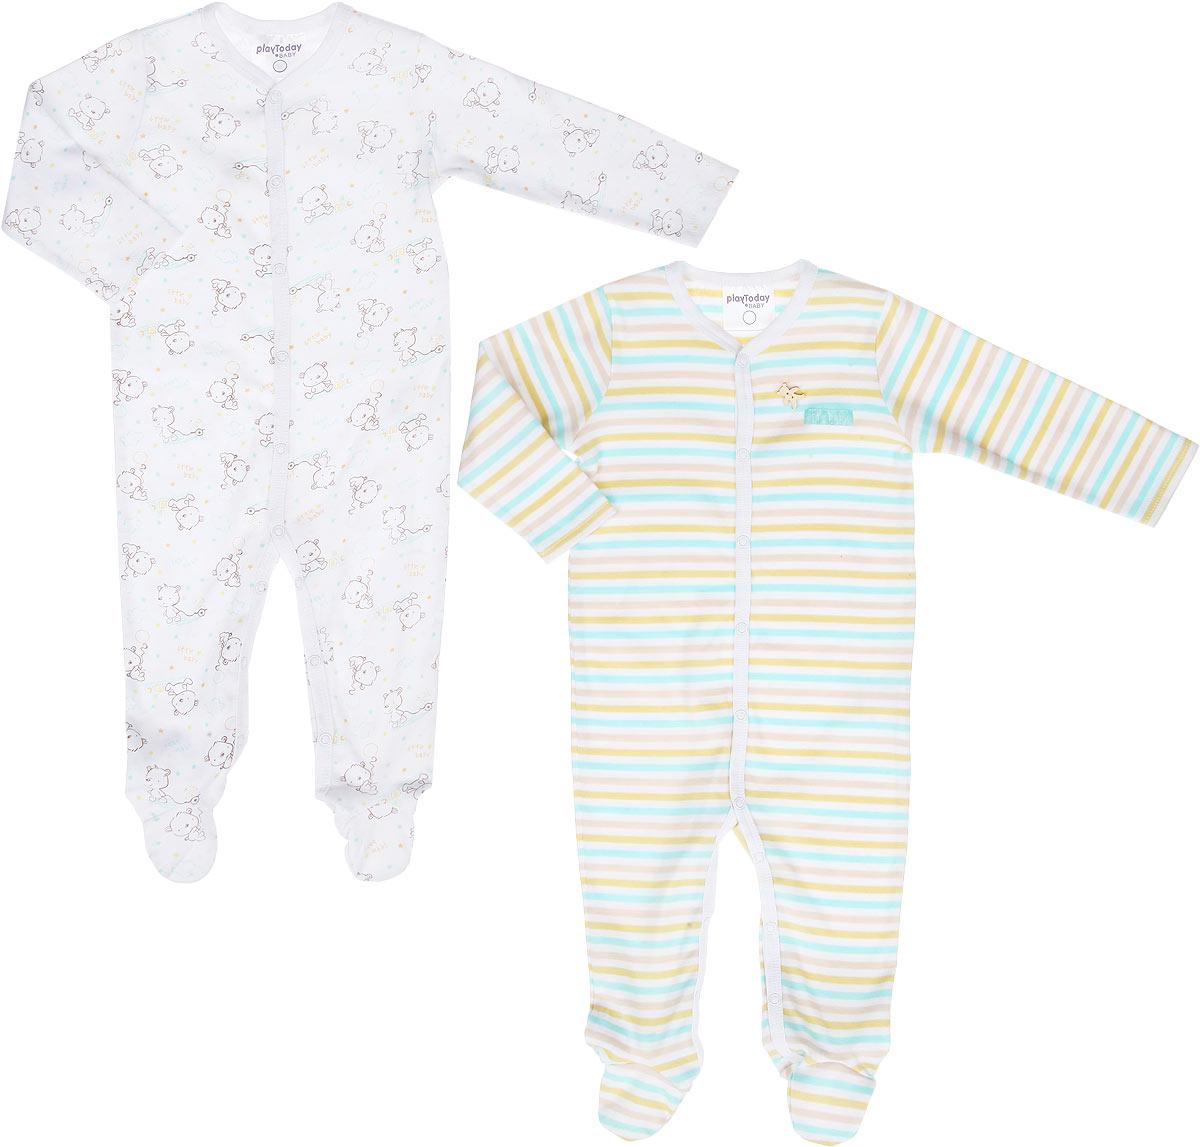 Комбинезон для мальчика Baby, 2 шт. 167853167853Комбинезон для мальчика PlayToday Baby идеально подойдет вашему малышу. Изготовленный из высококачественного материала, он необычайно мягкий и приятный на ощупь, не сковывает движения и позволяет коже дышать, не раздражает даже самую нежную и чувствительную кожу ребенка, обеспечивая ему наибольший комфорт. Комбинезон с длинными рукавами, закрытыми ножками и V-образным вырезом горловины застегивается на металлические застежки-кнопки от выреза горловины до щиколоток, которые позволяют без труда переодеть ребенка или сменить подгузник. В комплект входят два комбинезона, один оформлен принтом в полоску и украшен небольшим декоративным элементом в виде фигурки медвежонка, а другой - принтом с изображением медвежонка по всей поверхности. Современный дизайн и расцветка делают эти комбинезоны незаменимым предметом детского гардероба. В них вашему маленькому мужчине будет комфортно и уютно, и он всегда будет в центре внимания!